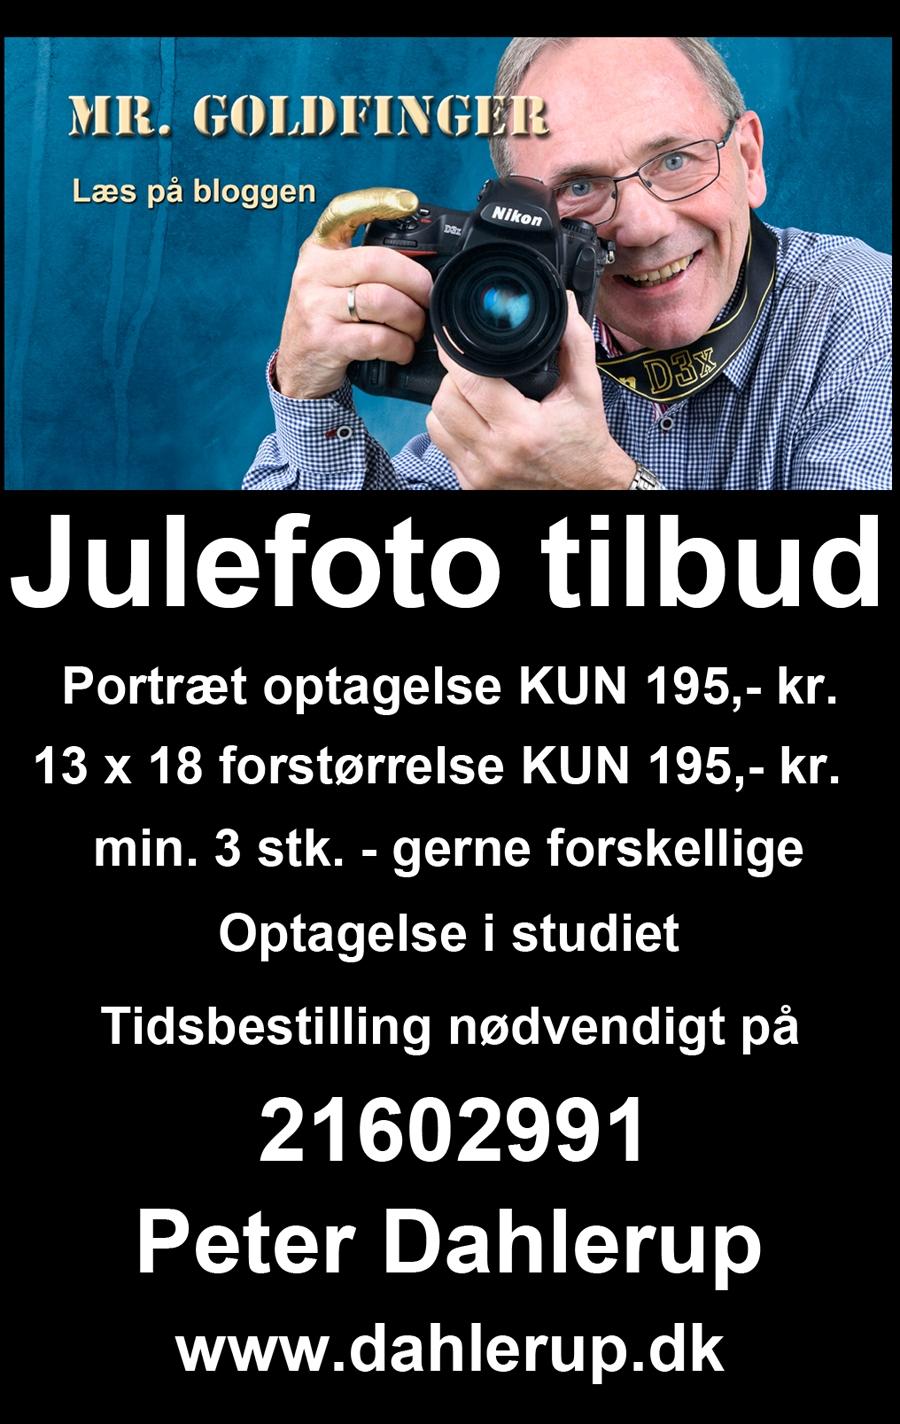 web Peter Dahlerup Fotografi annonce Uge-Nyt